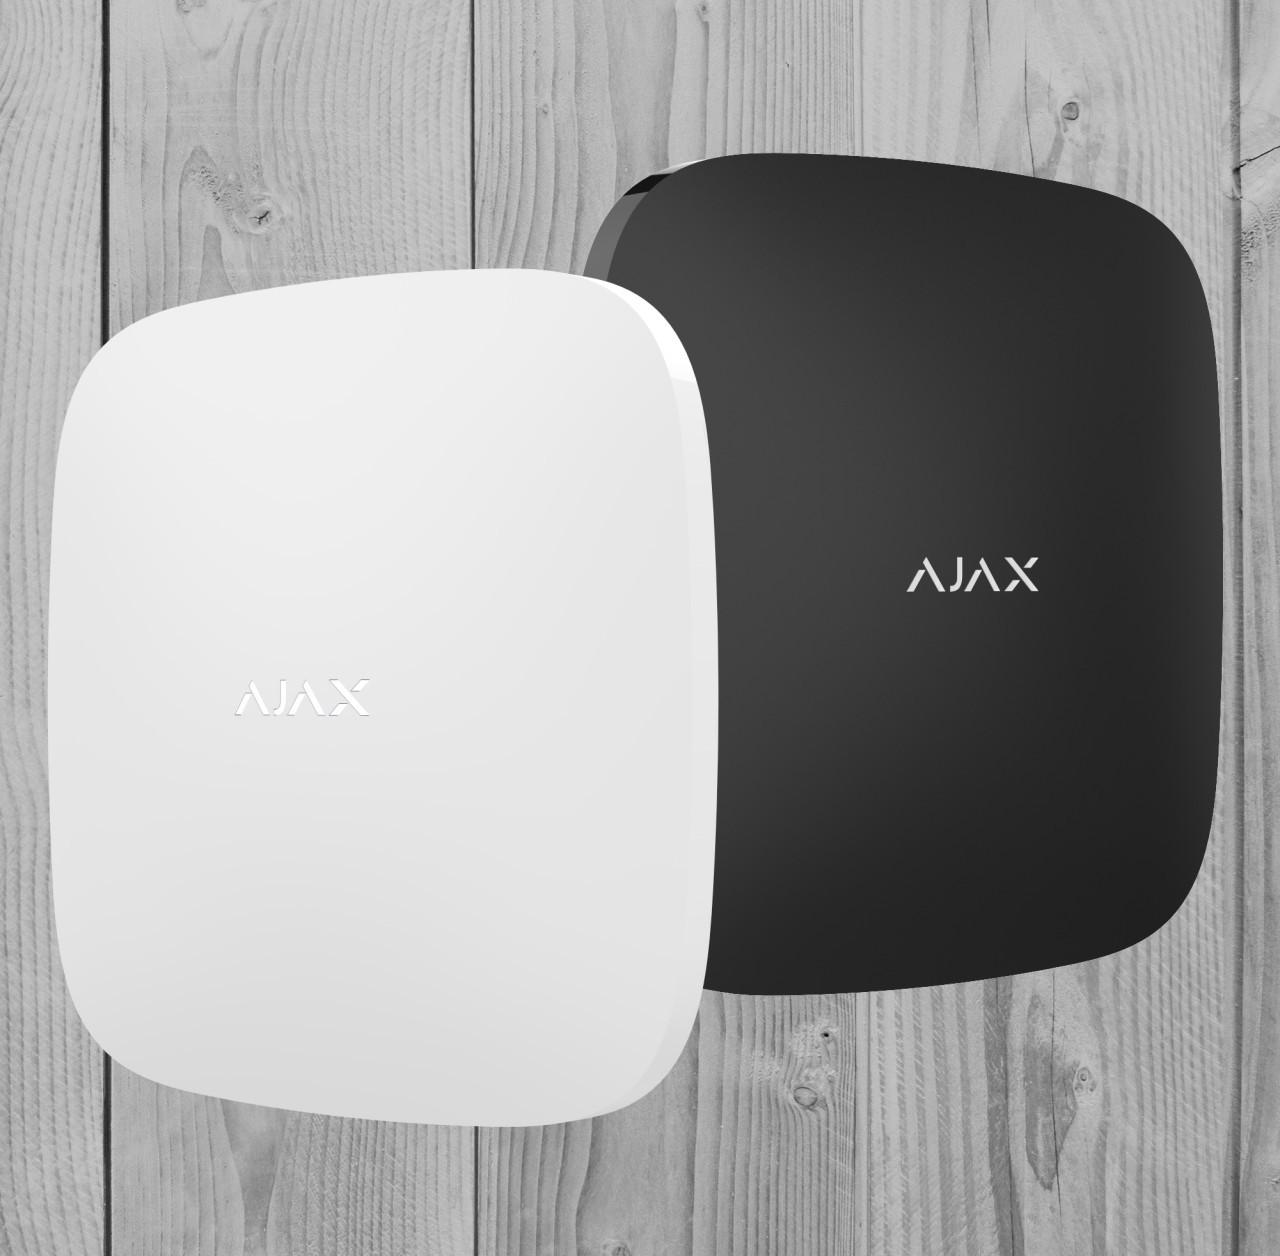 Беспроводной датчик затопления Ajax LeaksProtect (белый, черный)